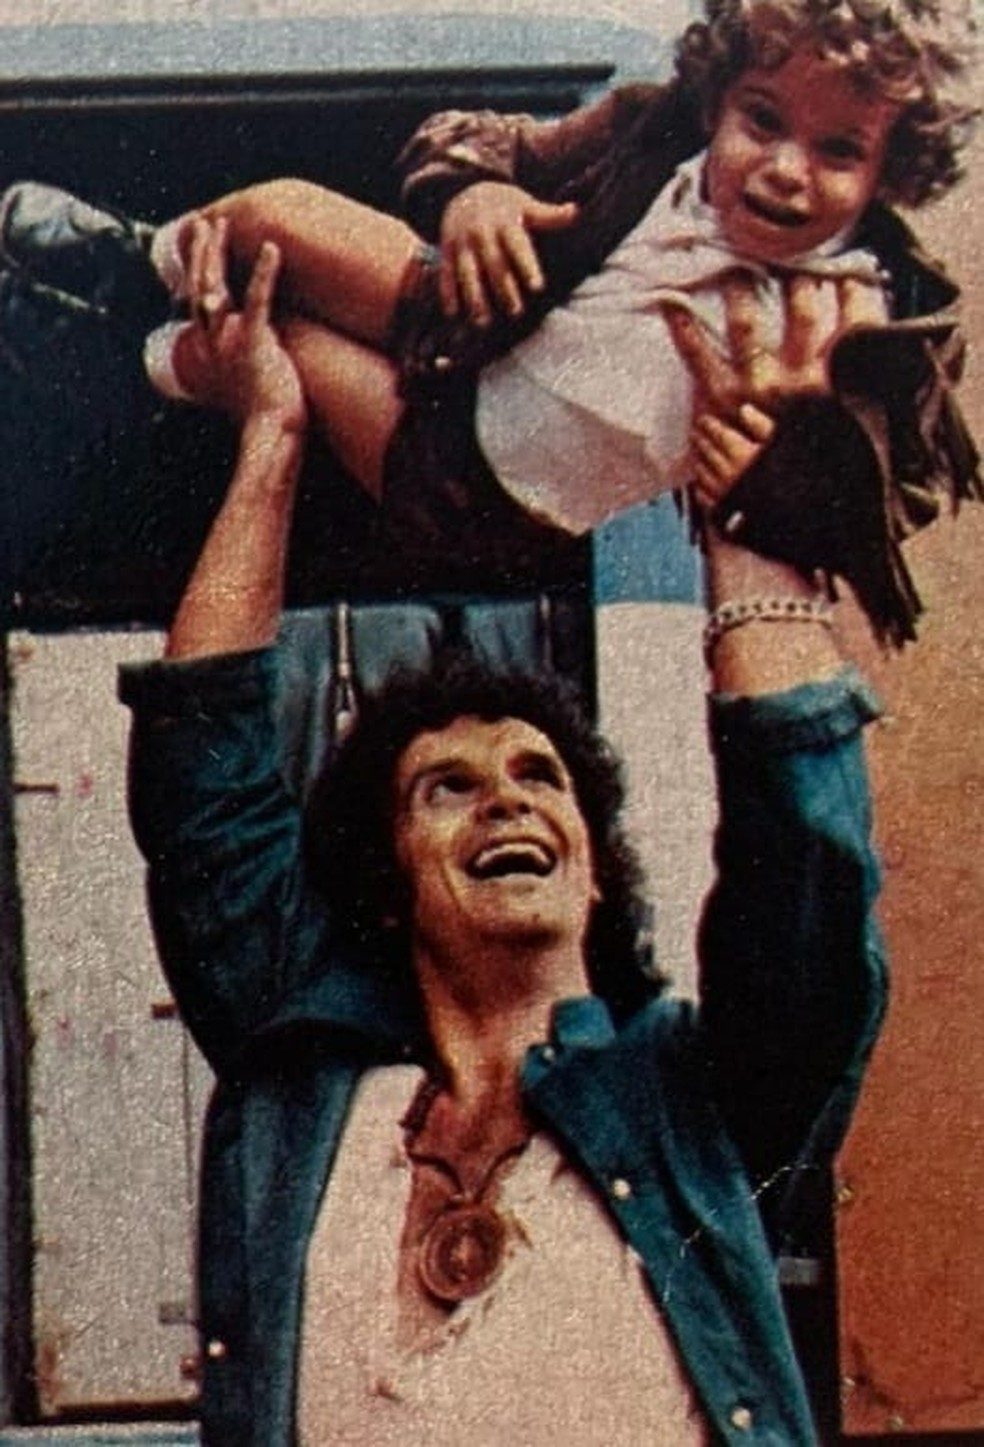 Roberto Carlos com Dudu Braga em 1971, em ensaio da antiga Revista Realidade. Dudu tinha três anos de idade.  — Foto: Reprodução/Youtube